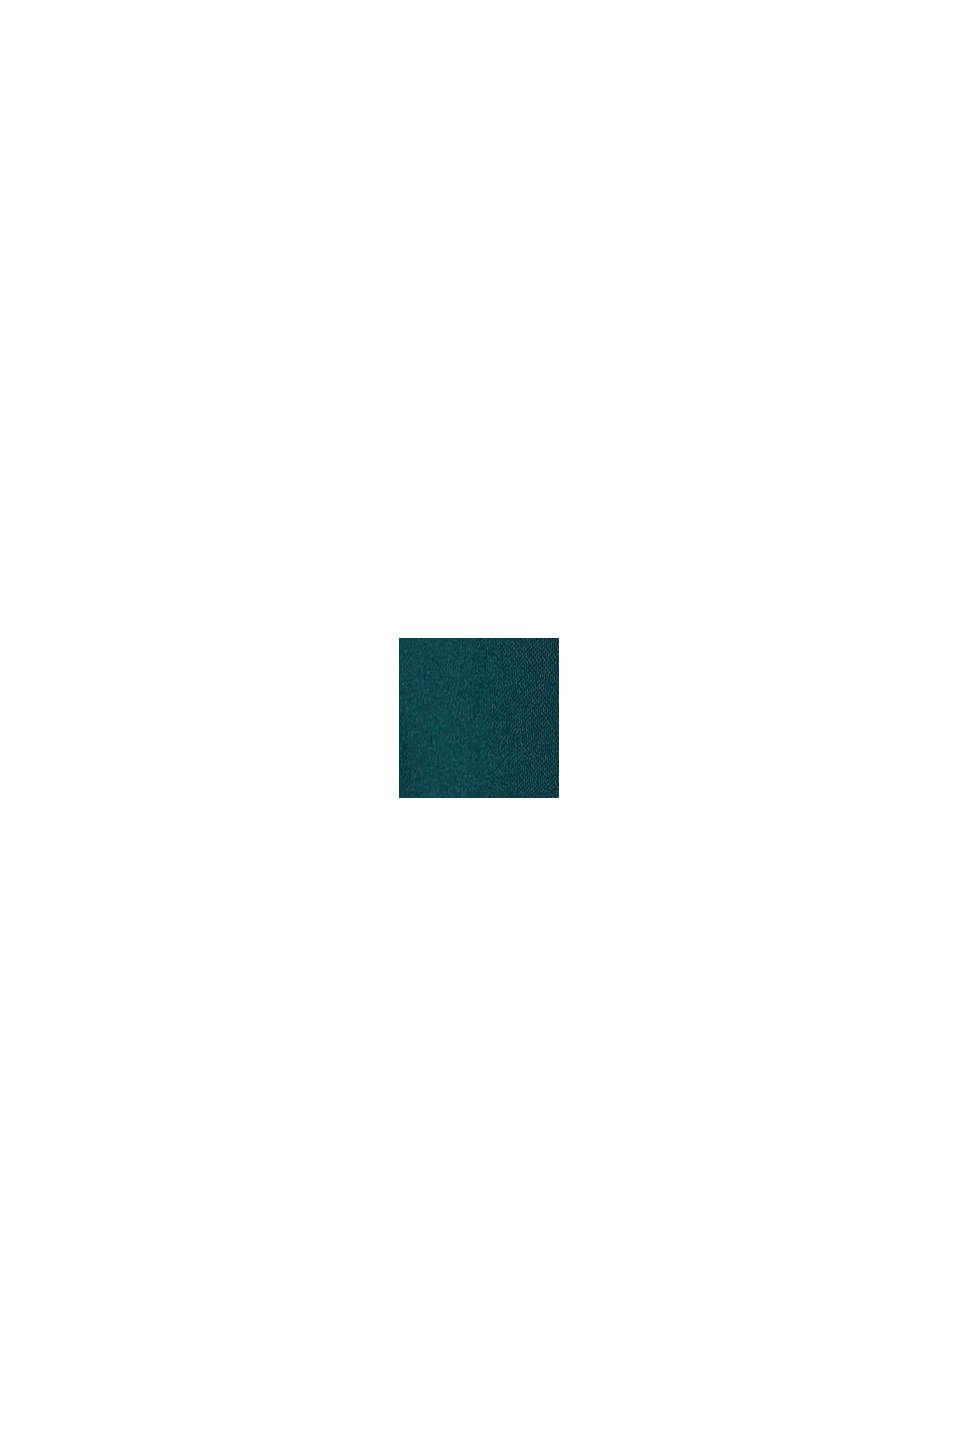 Top met kant, LENZING™ ECOVERO™, DARK TEAL GREEN, swatch